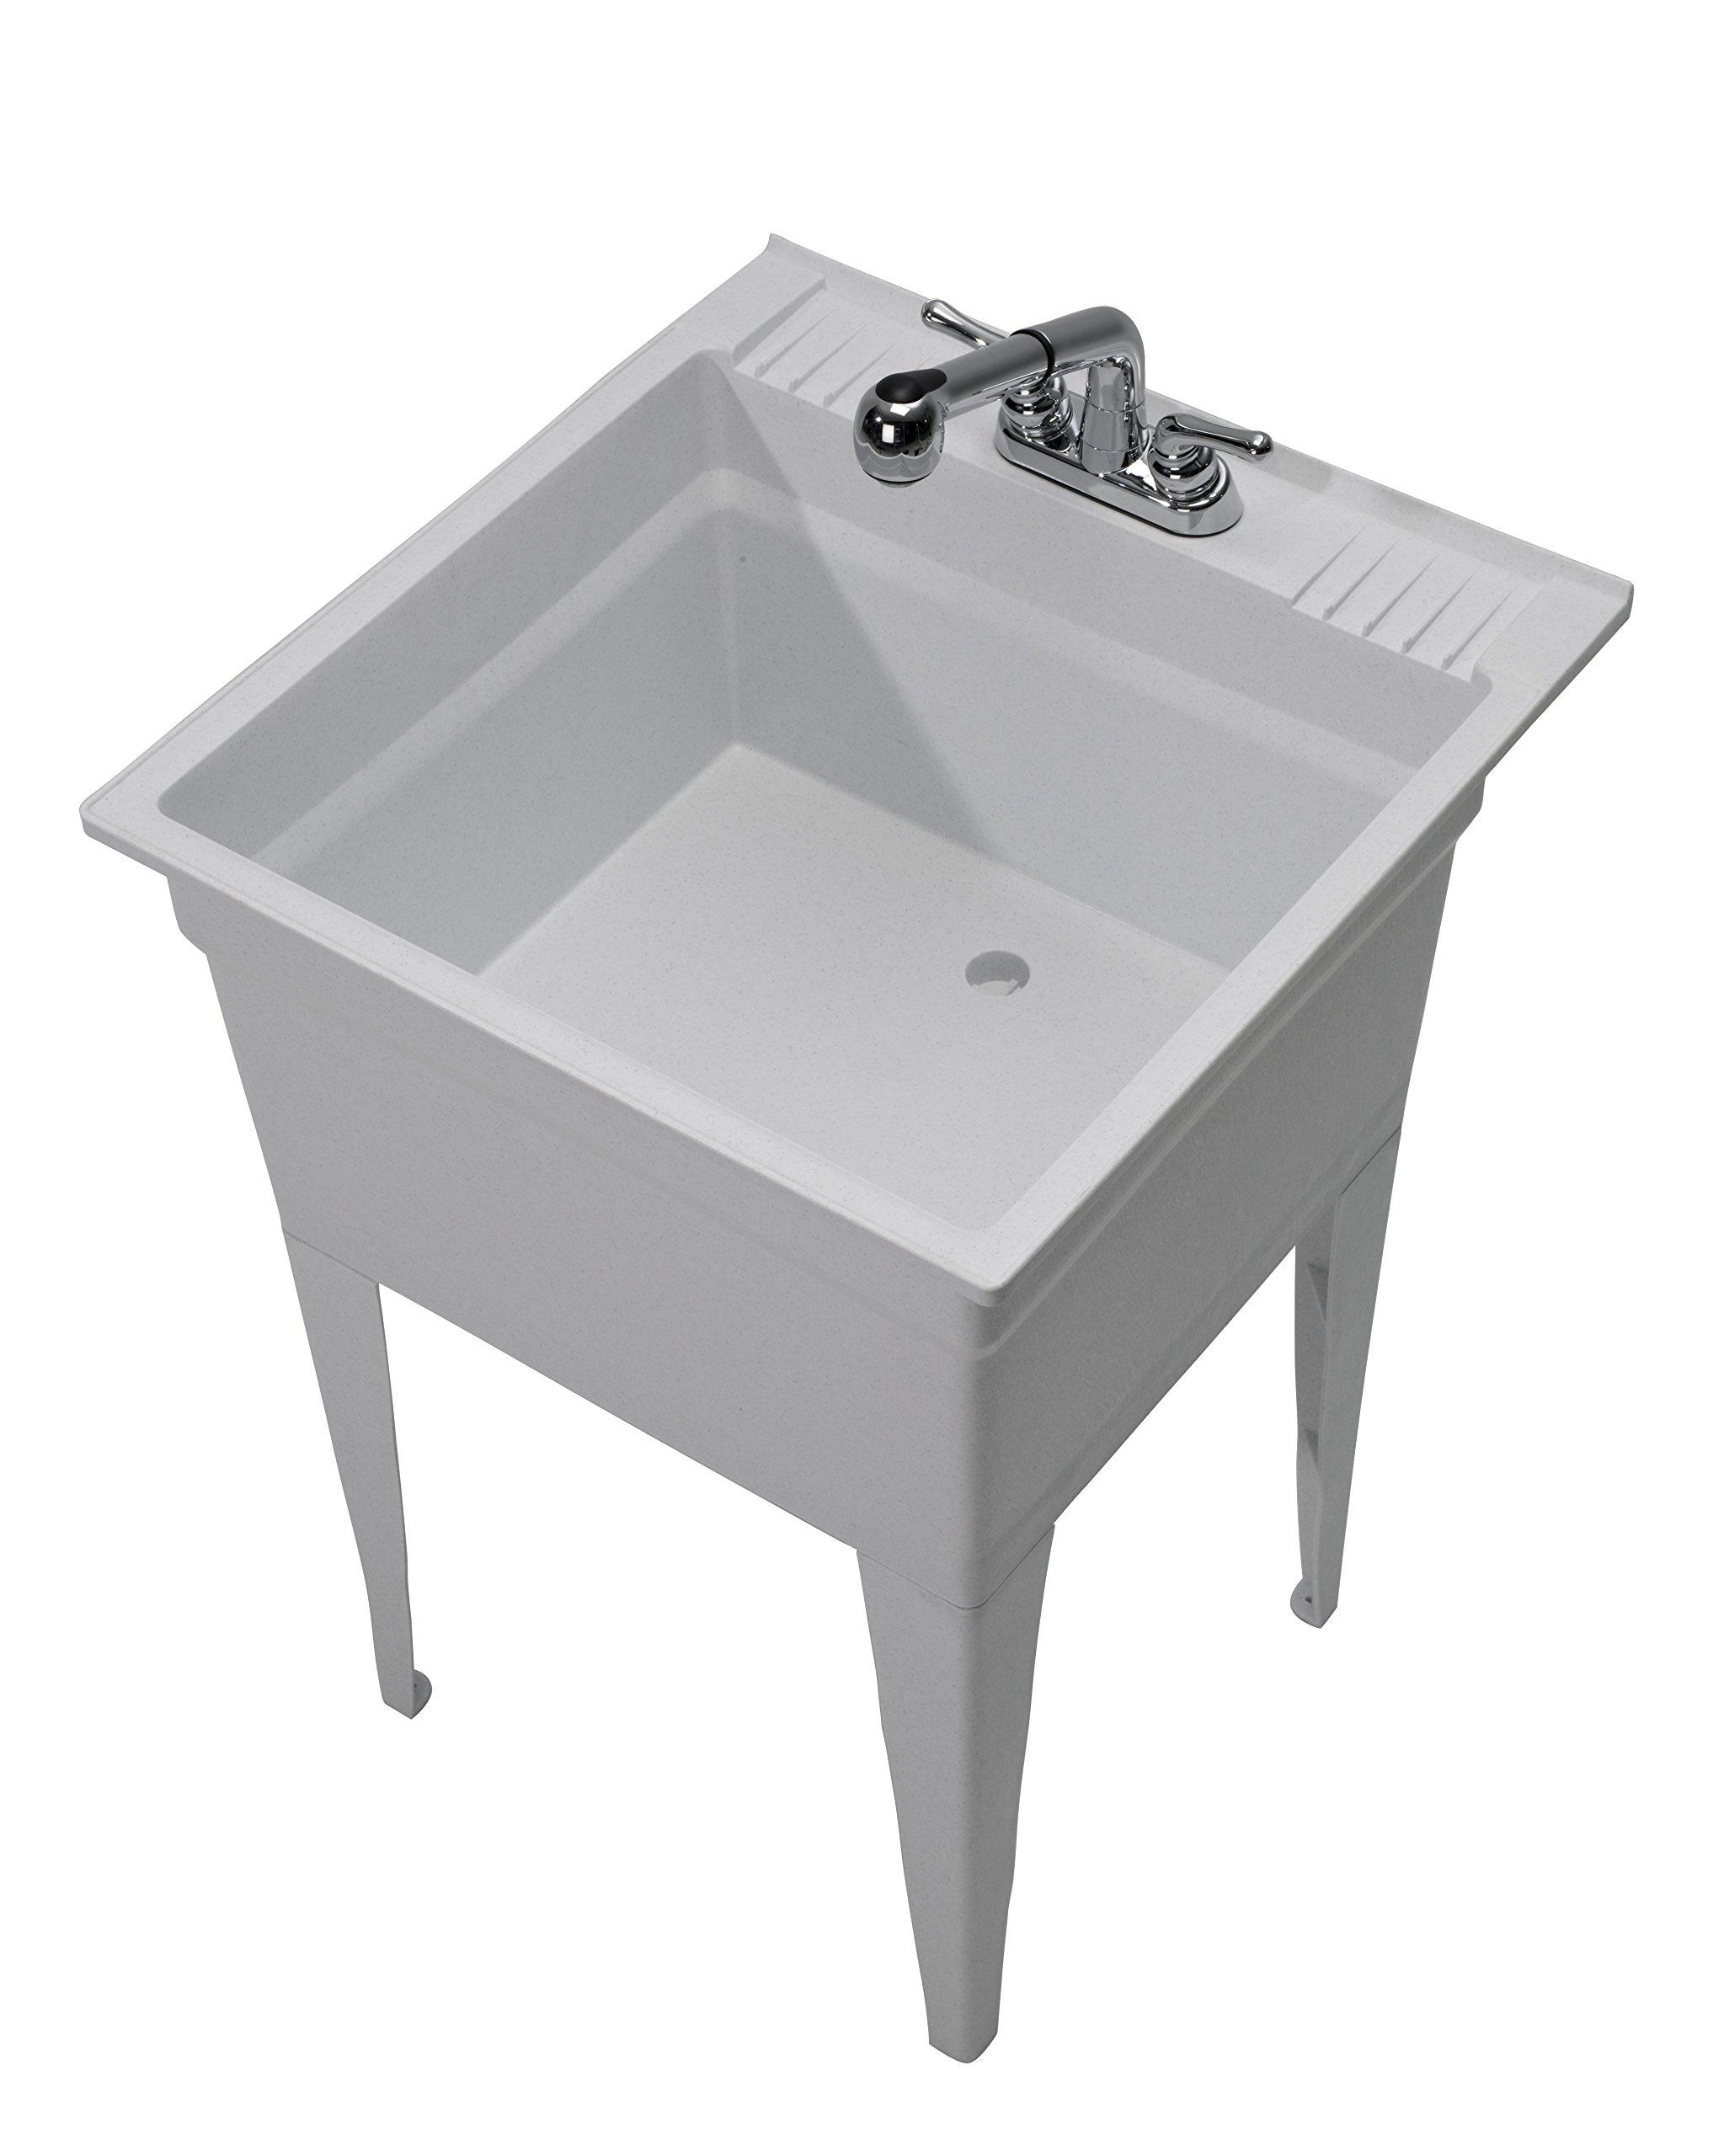 CASHEL 1960-32-02 Heavy Duty Sink - Fully Loaded Sink Kit, Granite by Cashel (Image #3)